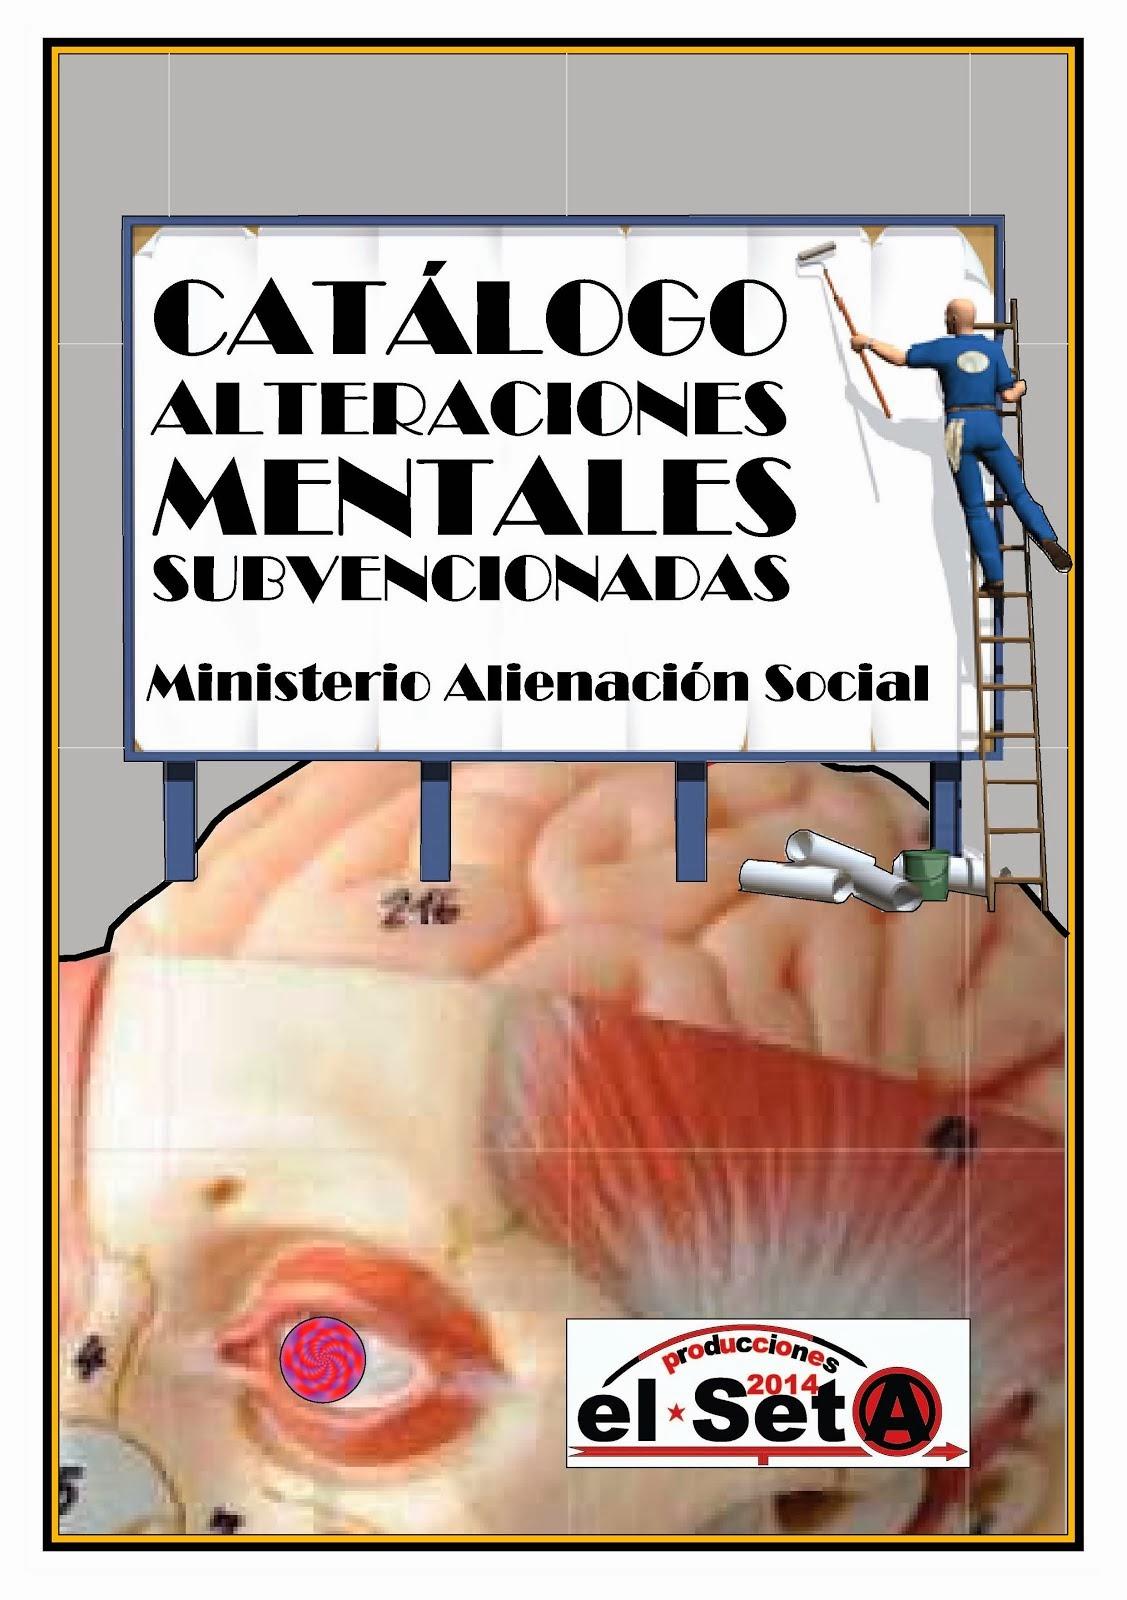 Catálogo Alteraciones Mentales Subvencionadas